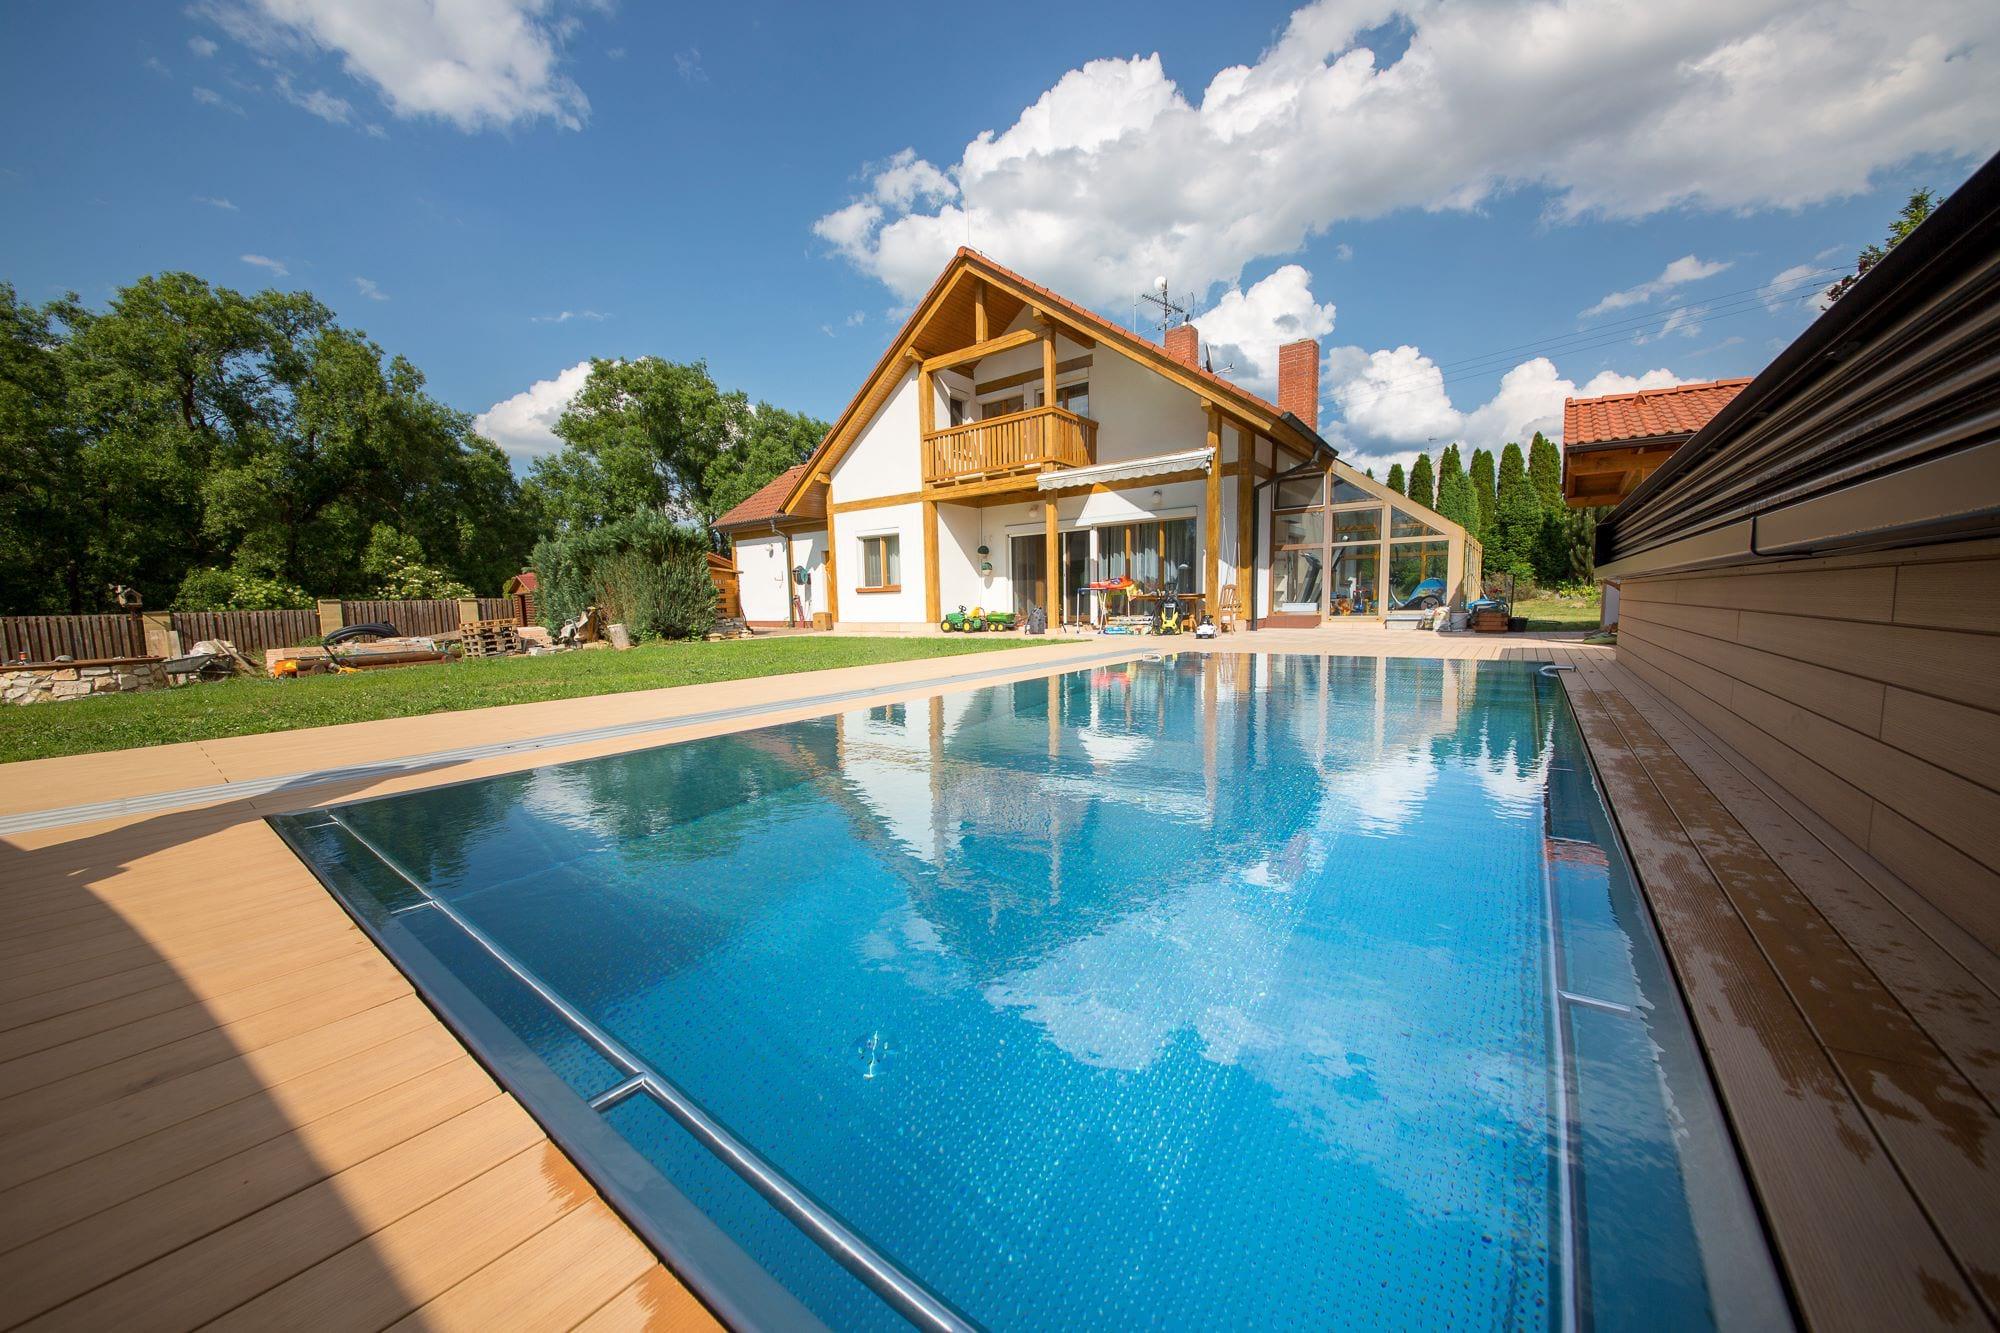 Rodinný bazén s brouzdalištěm pro děti